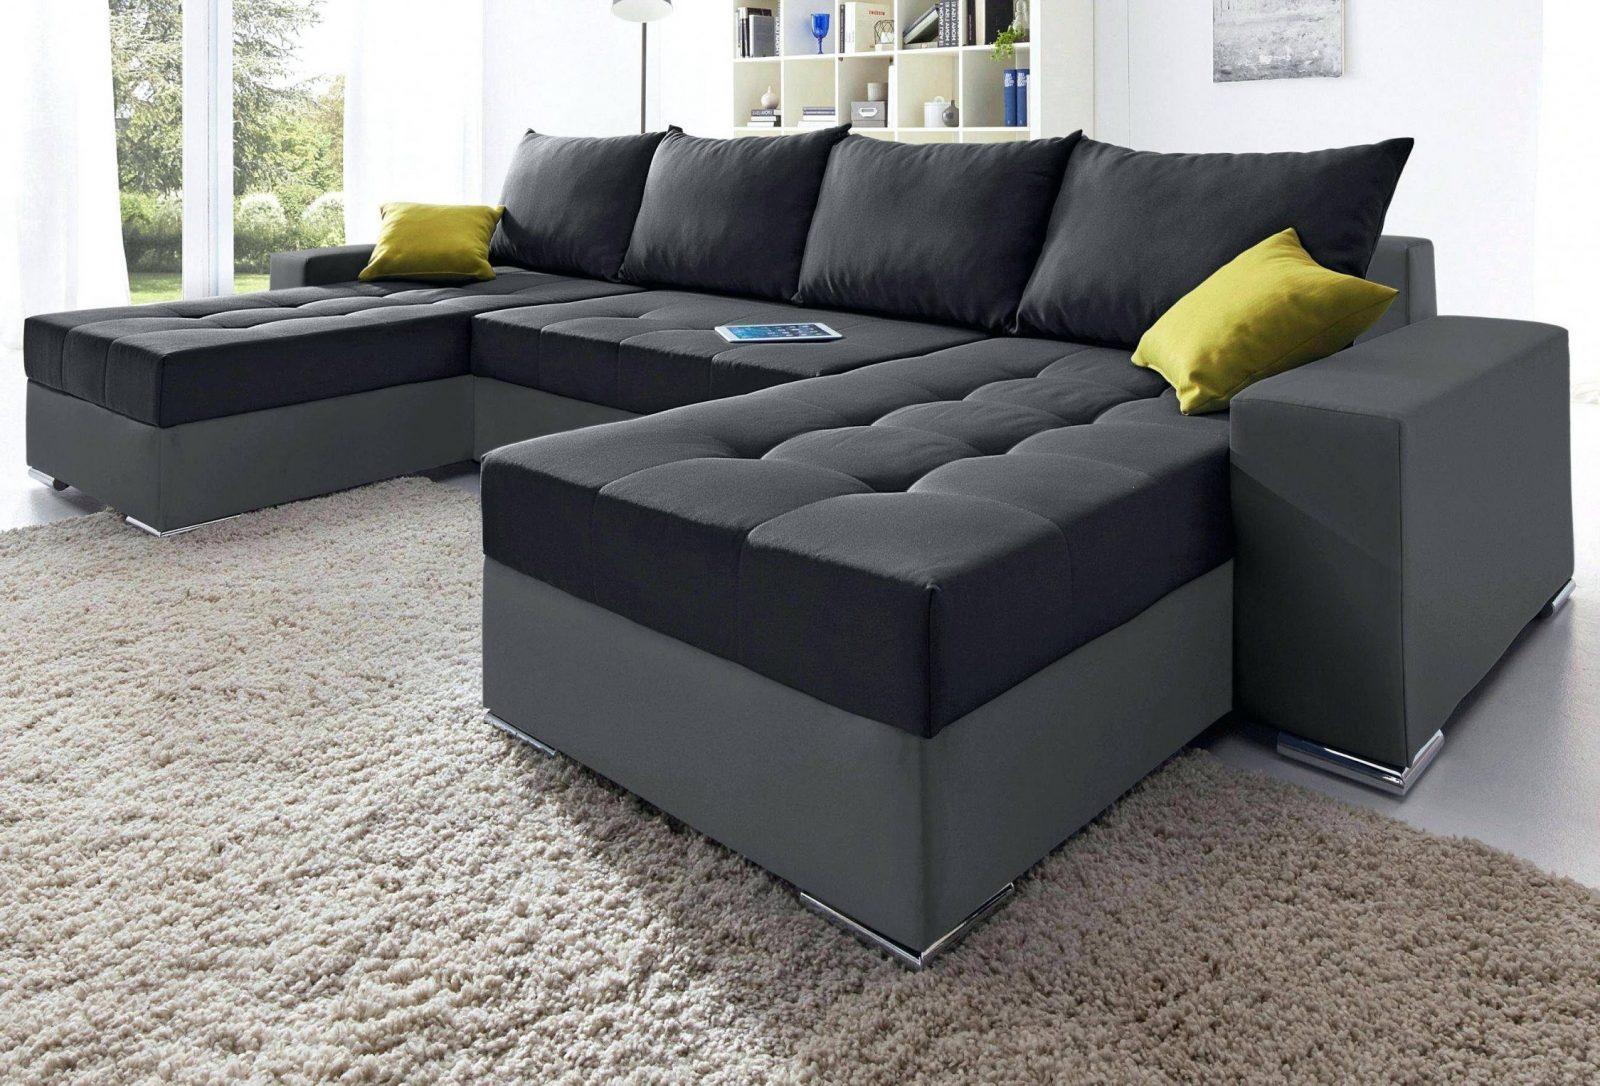 Big Sofa Mit Bettfunktion – Ofel Ijah Von Otto Sofas Mit von Otto Big Sofa Mit Bettfunktion Bild